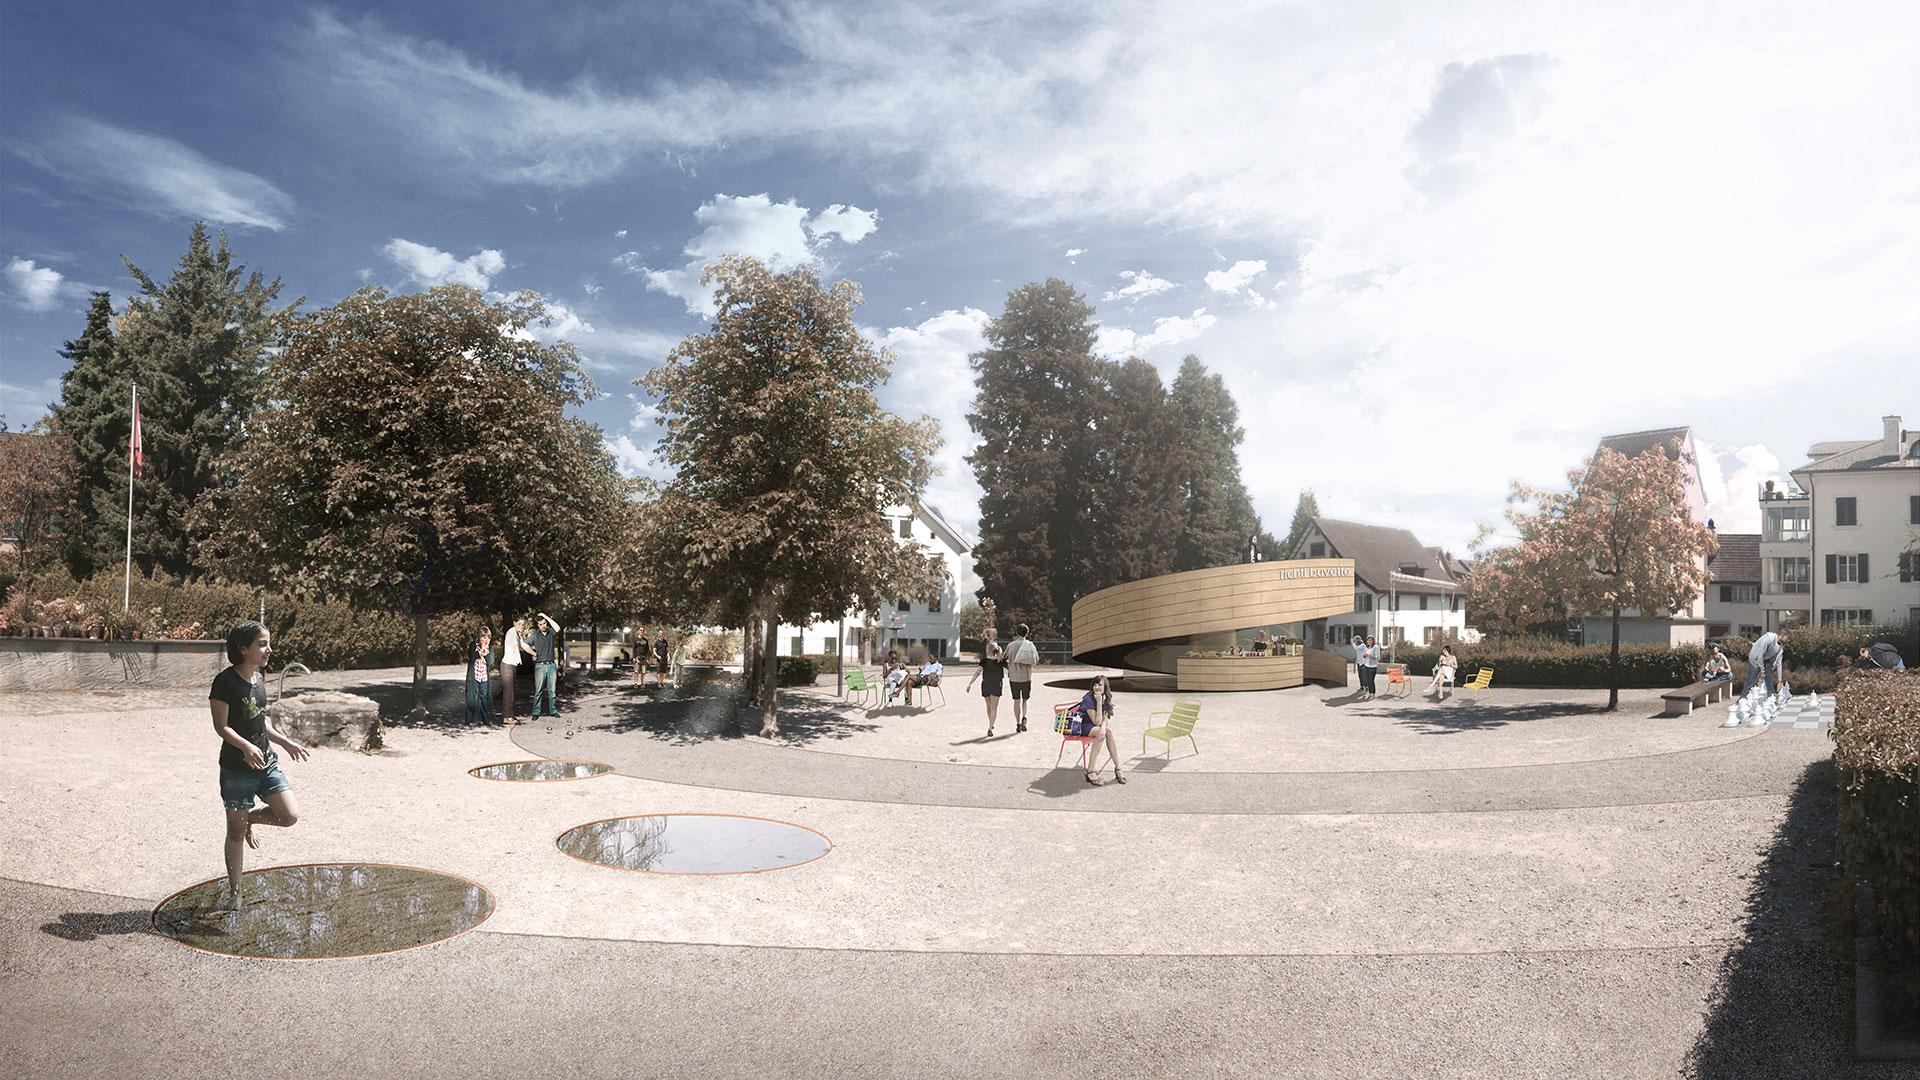 Wisshusplatz